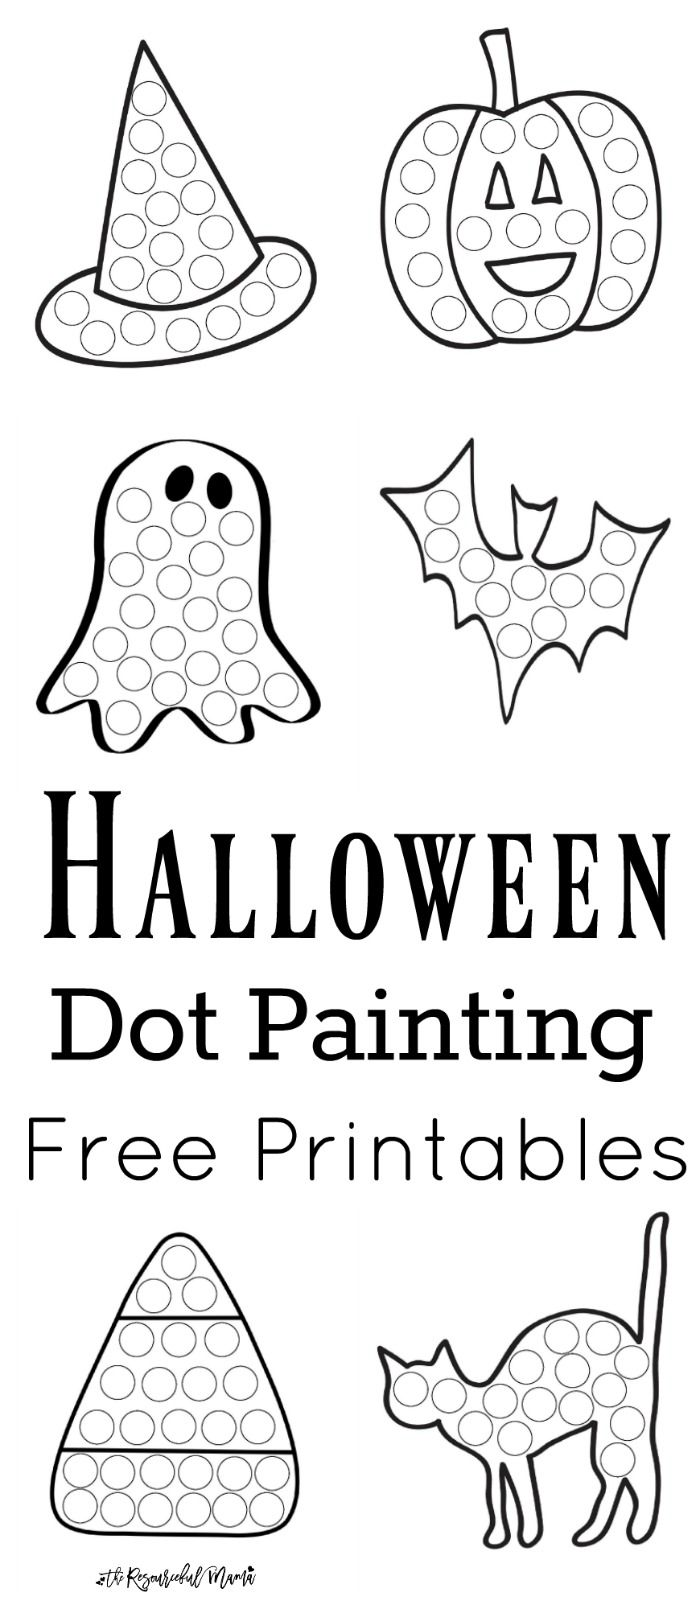 Halloween Dot Painting {Free Printables}   Halloween preschool [ 1609 x 700 Pixel ]